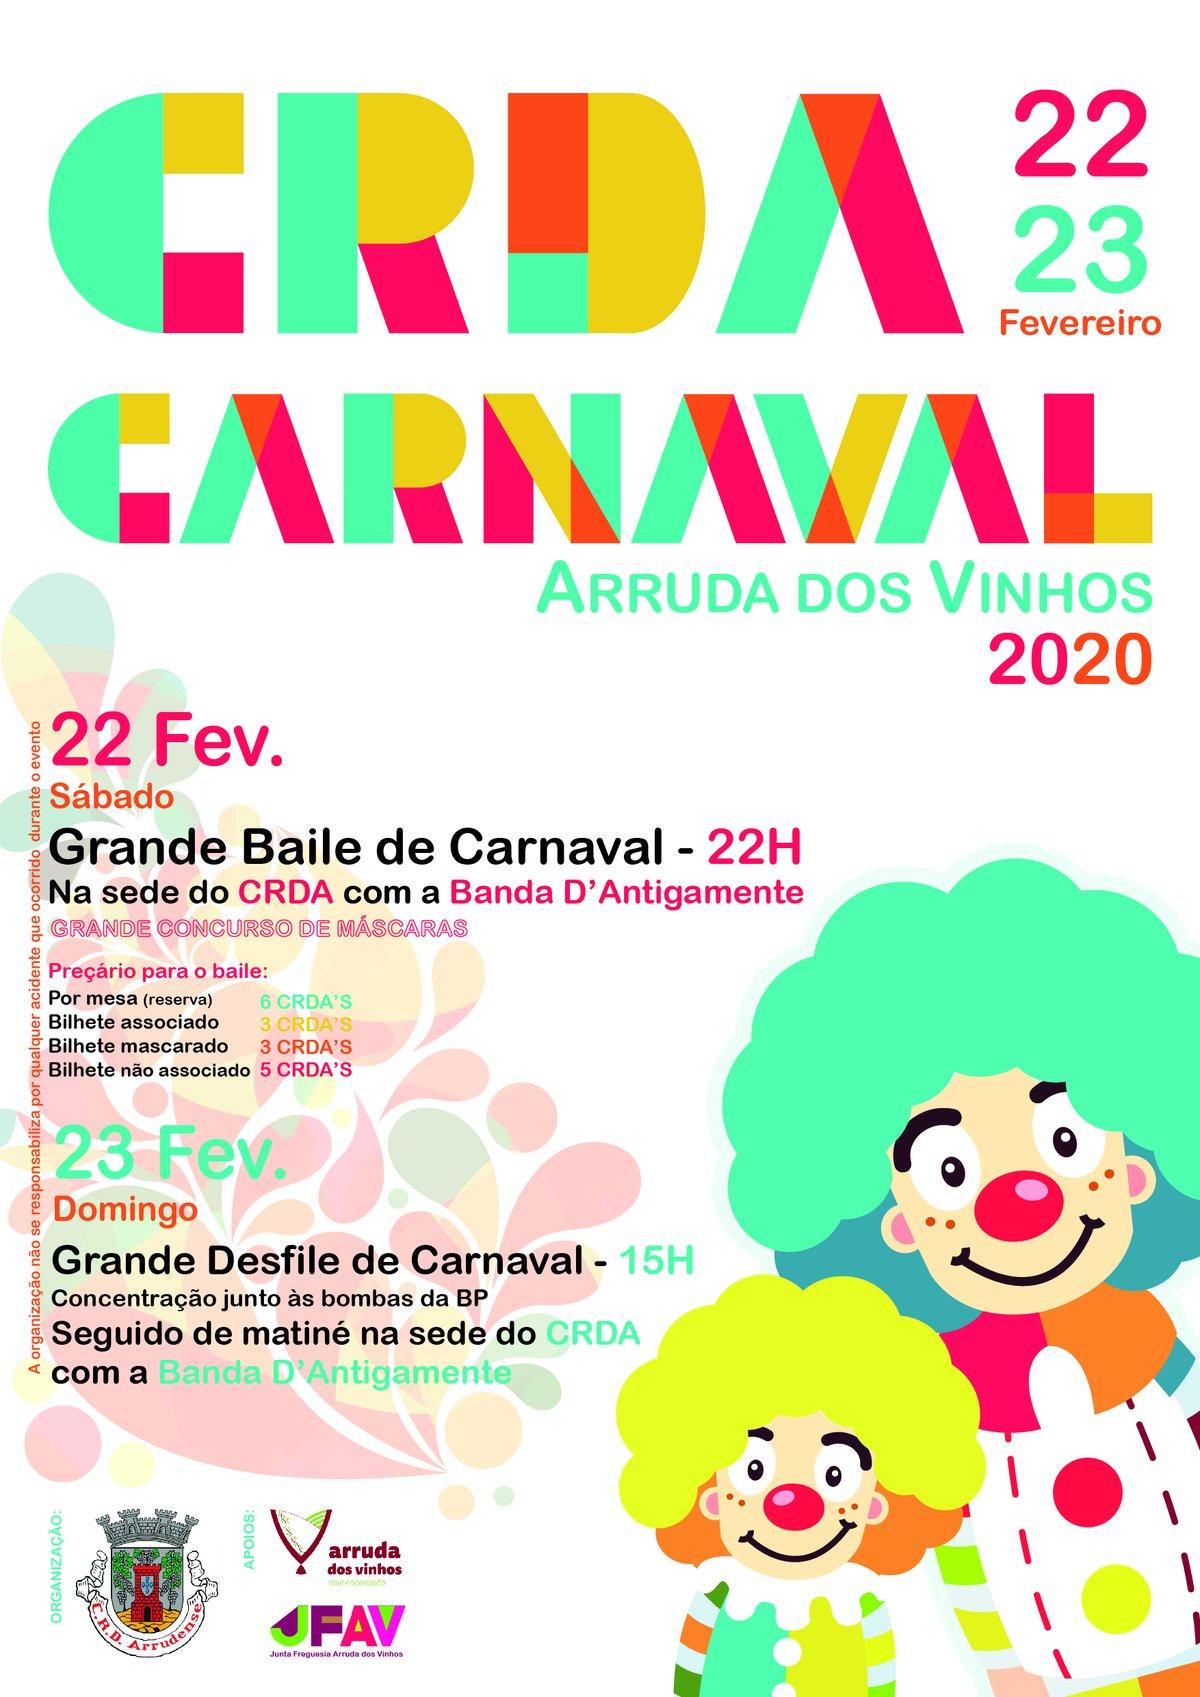 CARNAVAL ARRUDA DOS VINHOS 2020